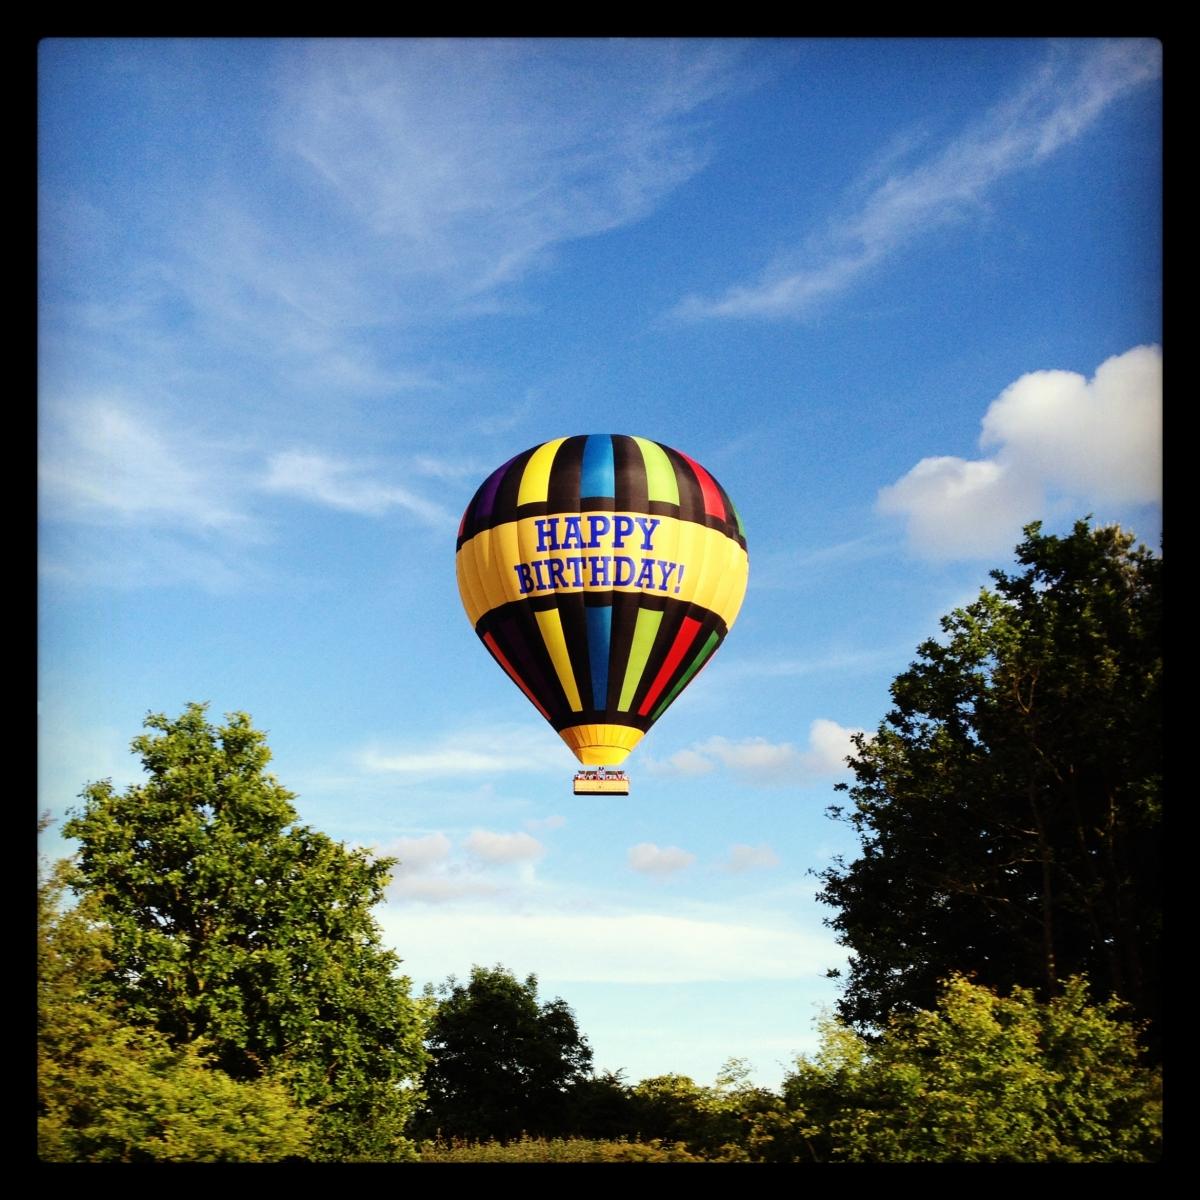 Balloon over the A12